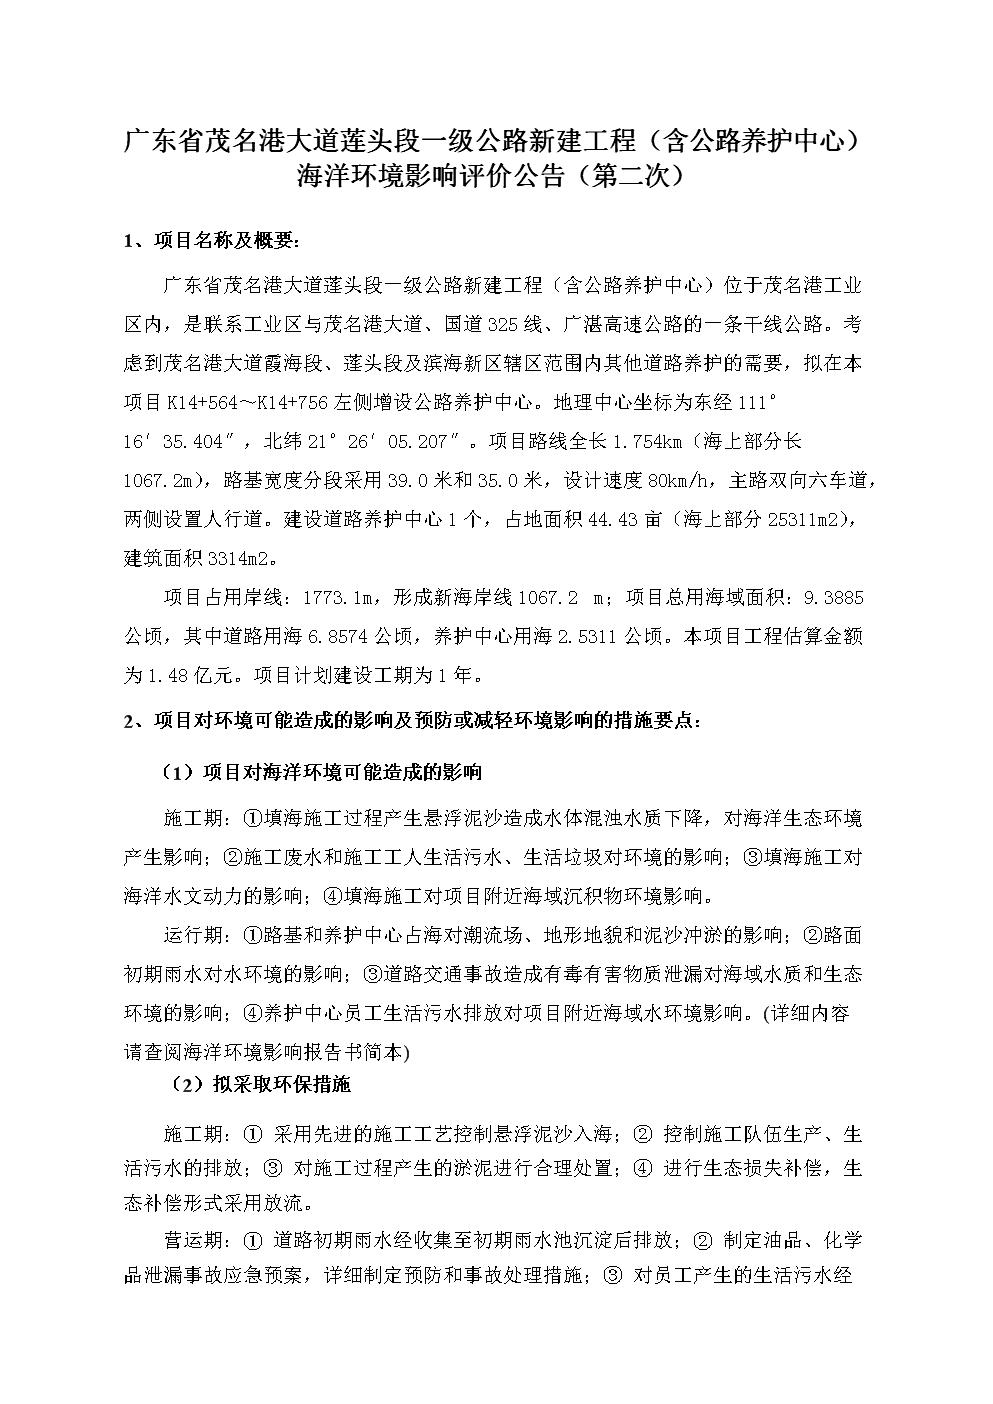 广东省茂名港大道莲头段一级公路新建工程(含公路养护中心.doc